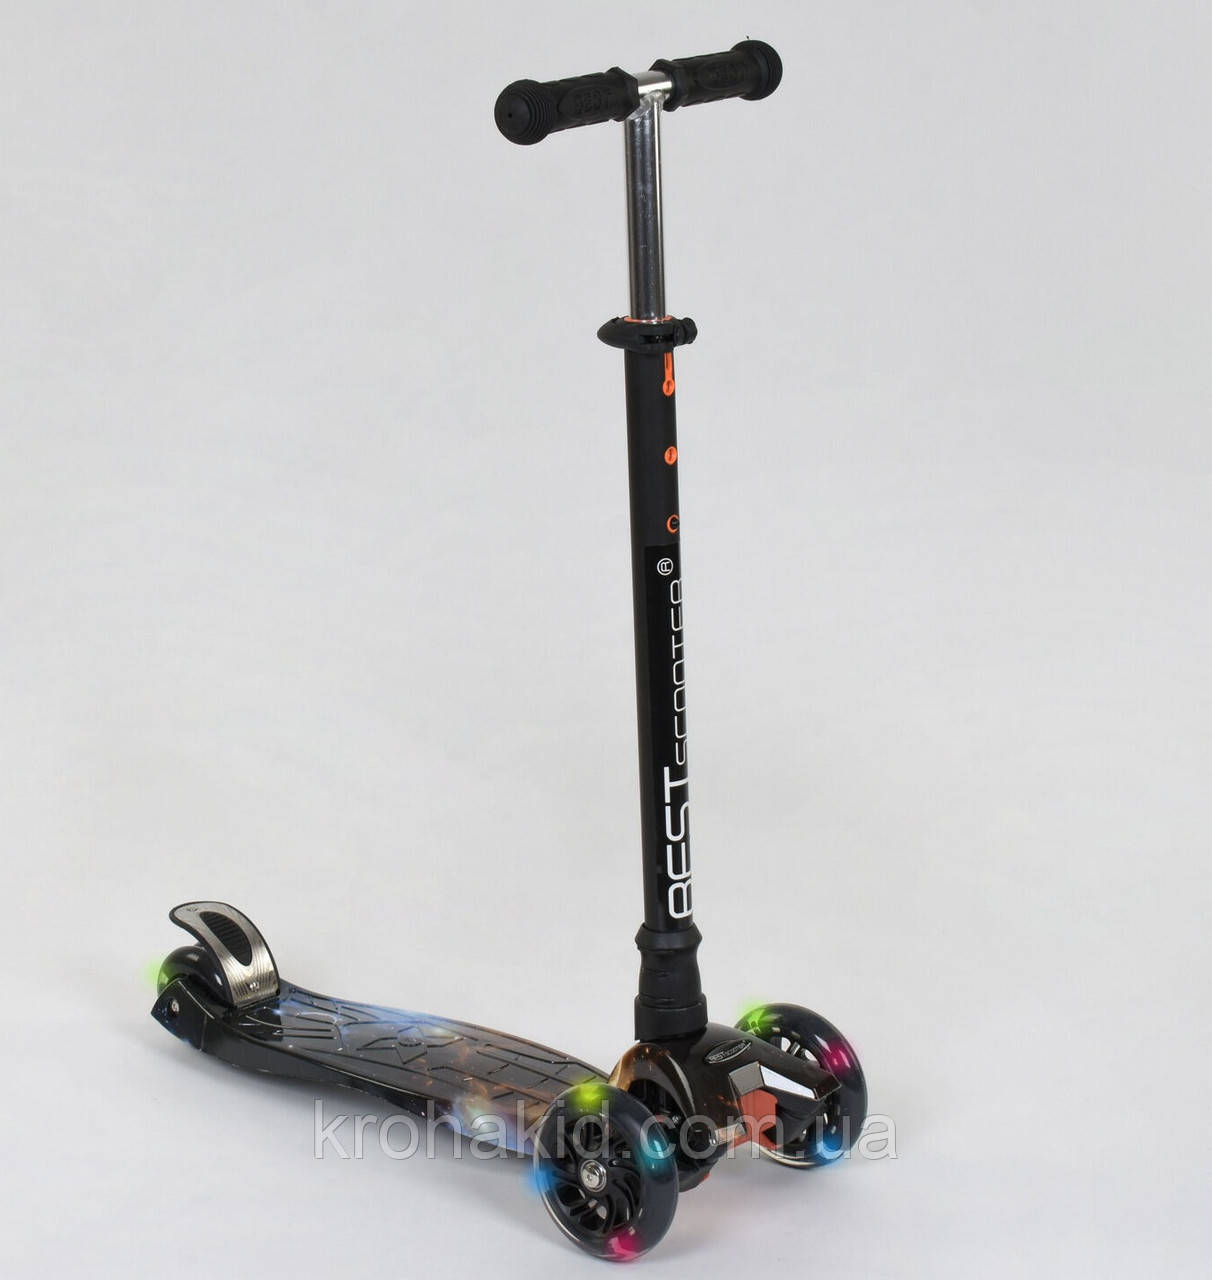 """Самокат MAXI """"Best Scooter"""" А 24662/779-1311 колеса PU- диаметр 12 см, трубка руля алюминиевая от 63 до 86 см"""